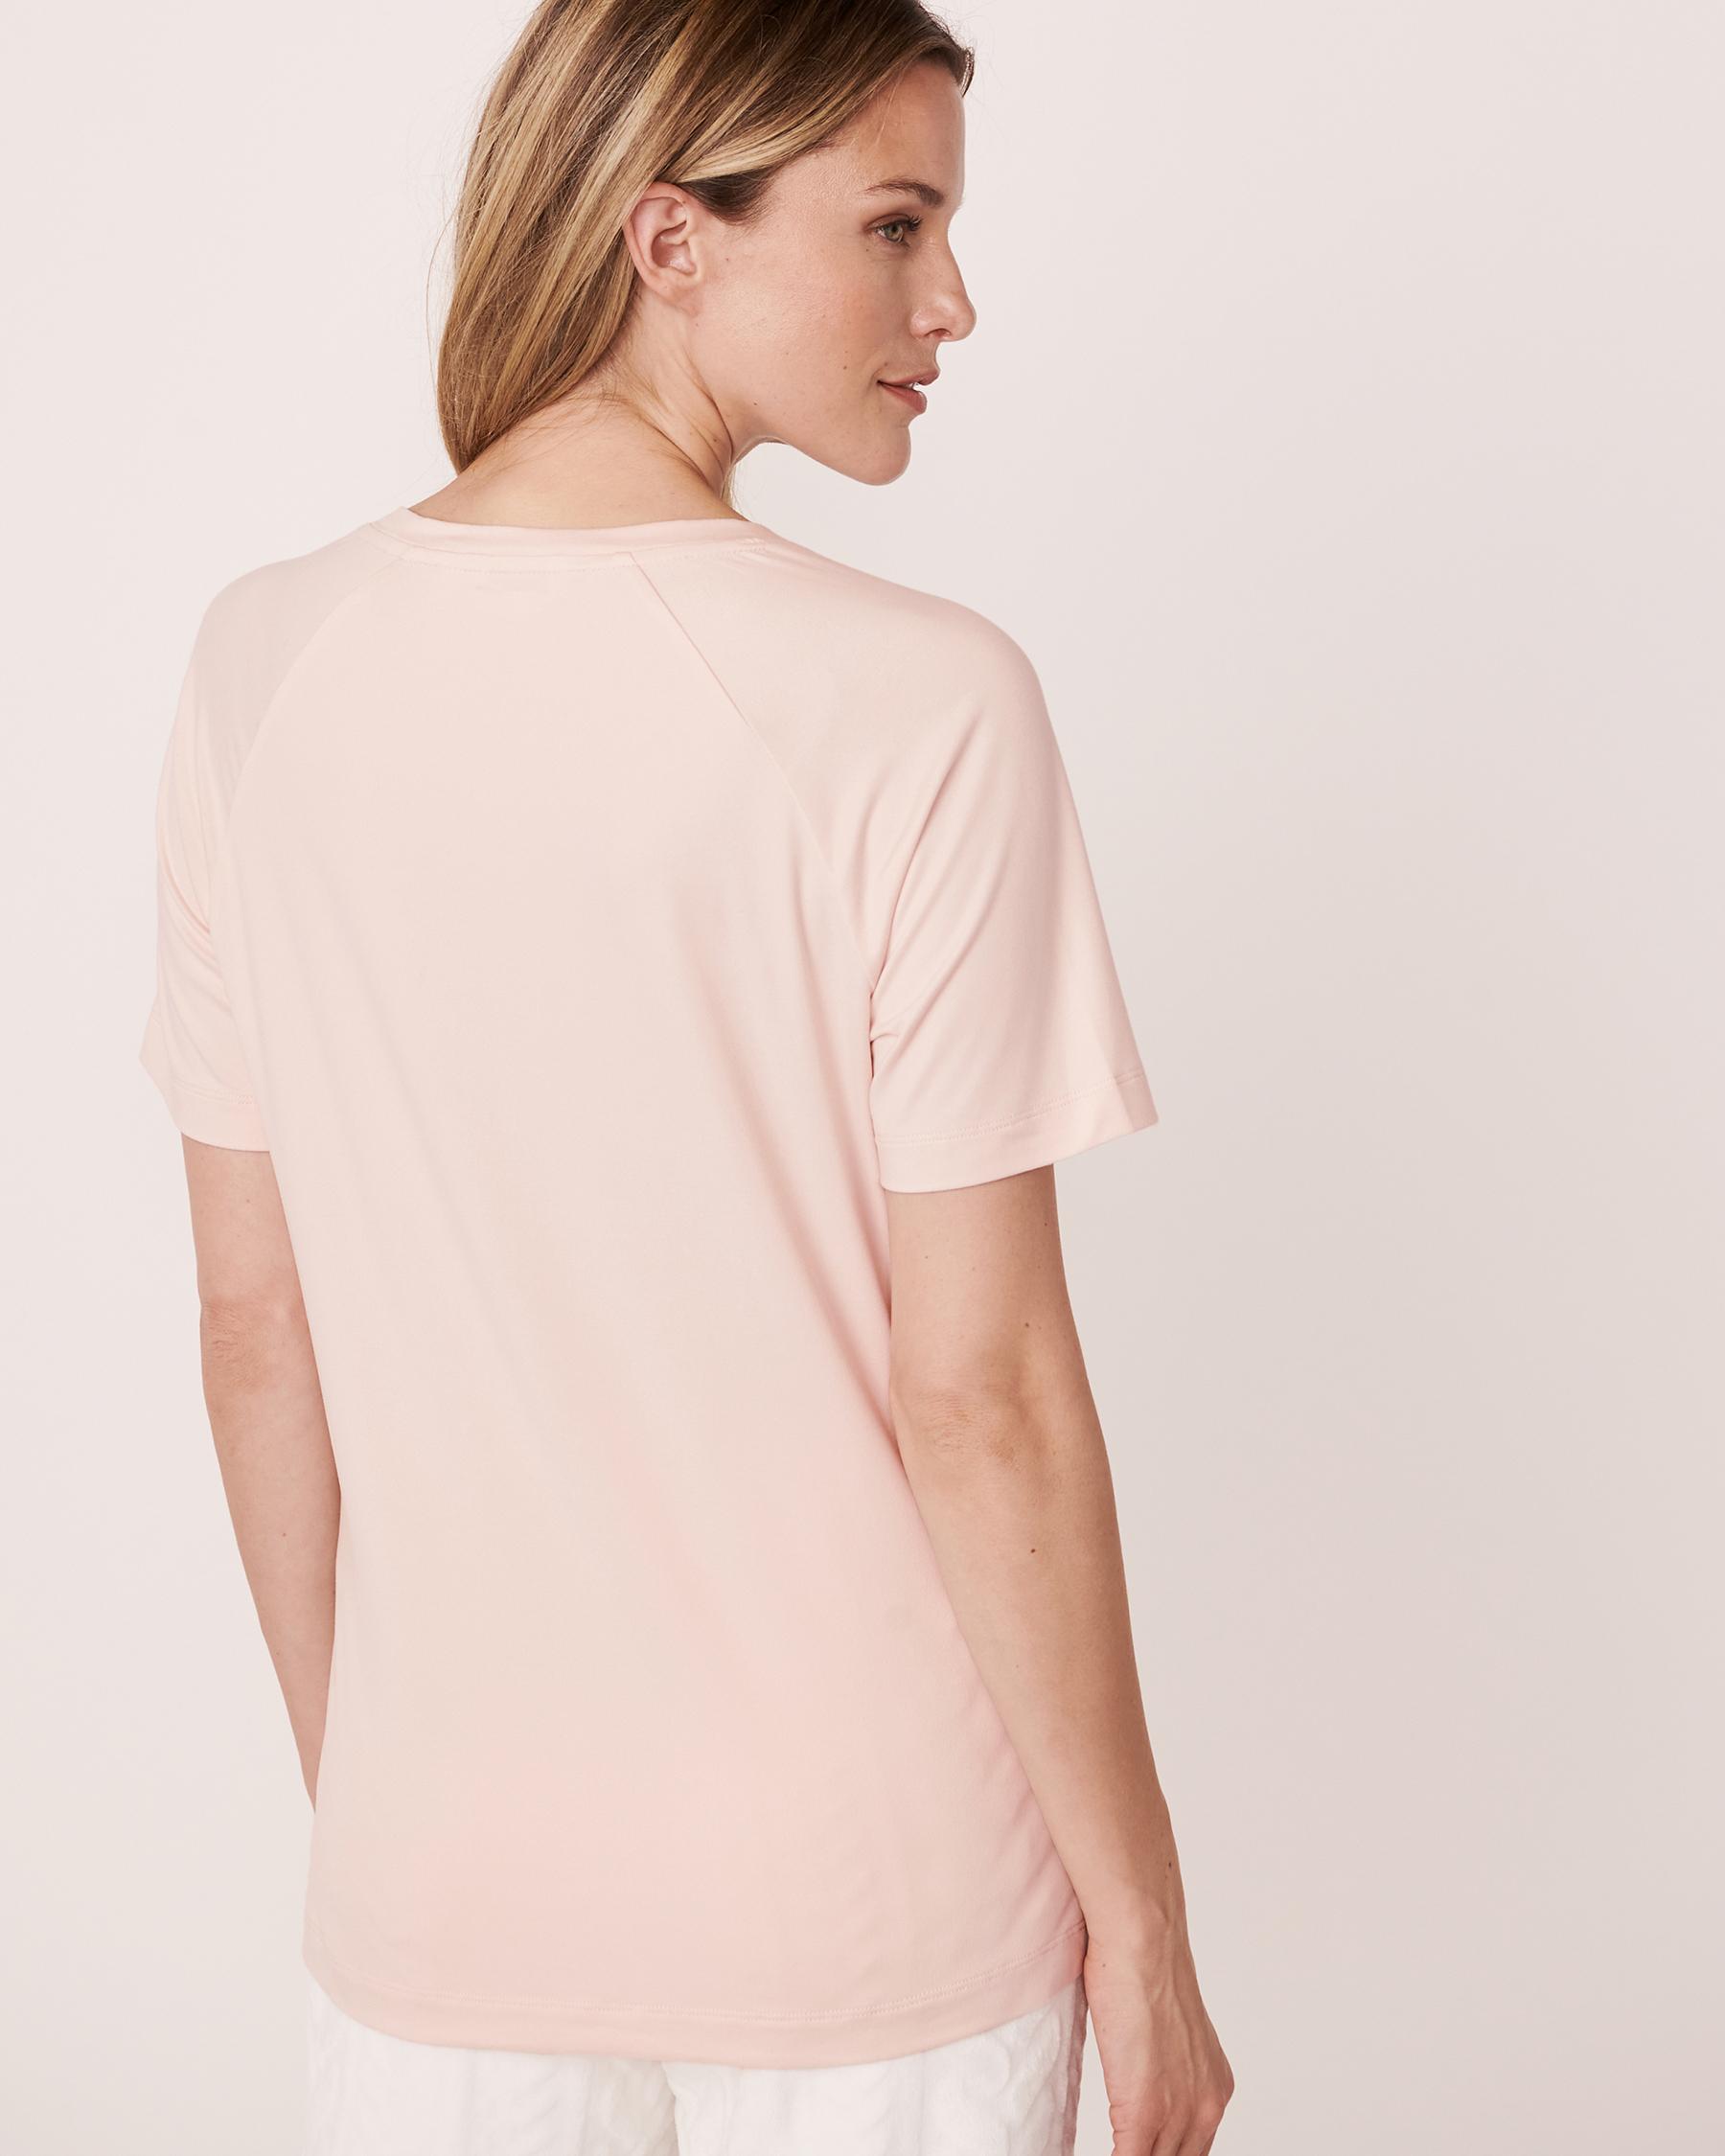 LA VIE EN ROSE Plush Print T-shirt Light pink 40100140 - View2